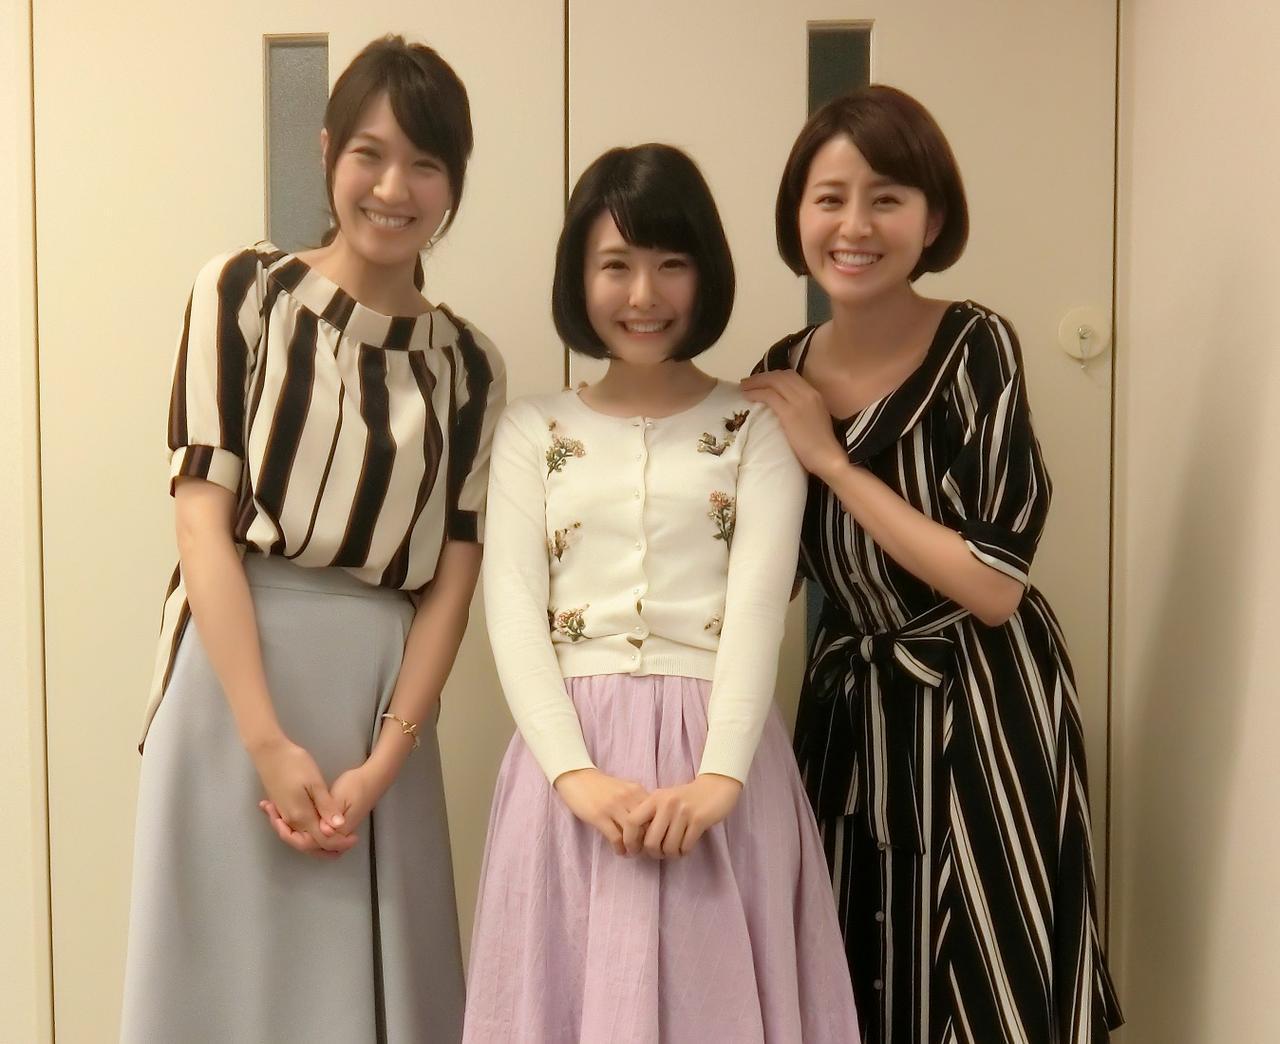 画像: 鈴木ちなみさん・浅尾美和さん